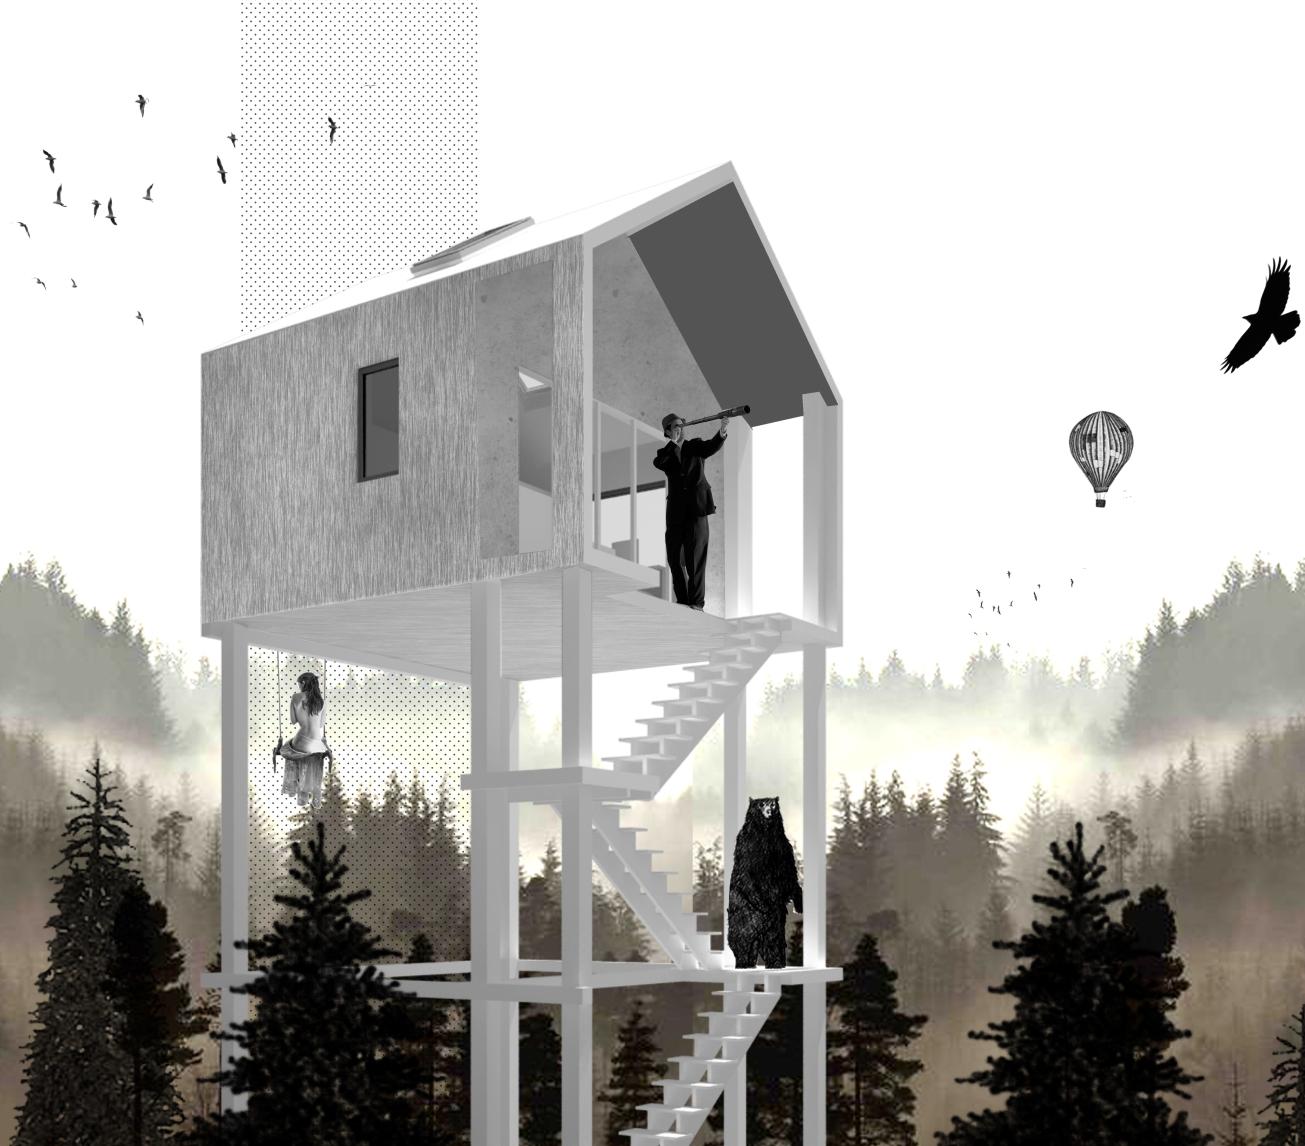 1-observatory-room_bakavou-vasiliki_master-thesis-u-th